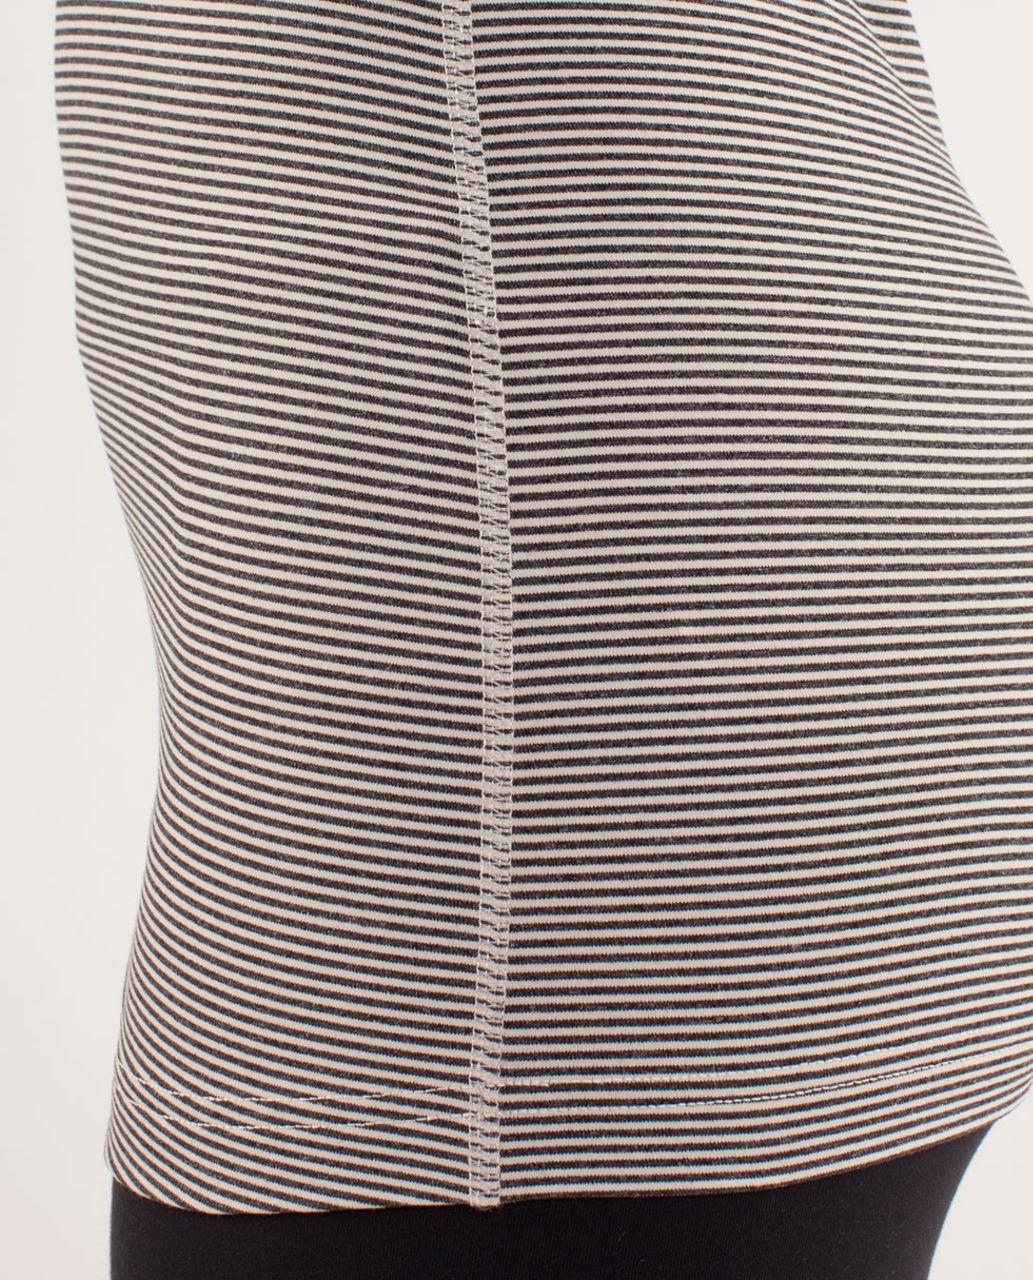 Lululemon Cool Racerback *Extra Long - Tonka Stripe Cashew / Heathered Black